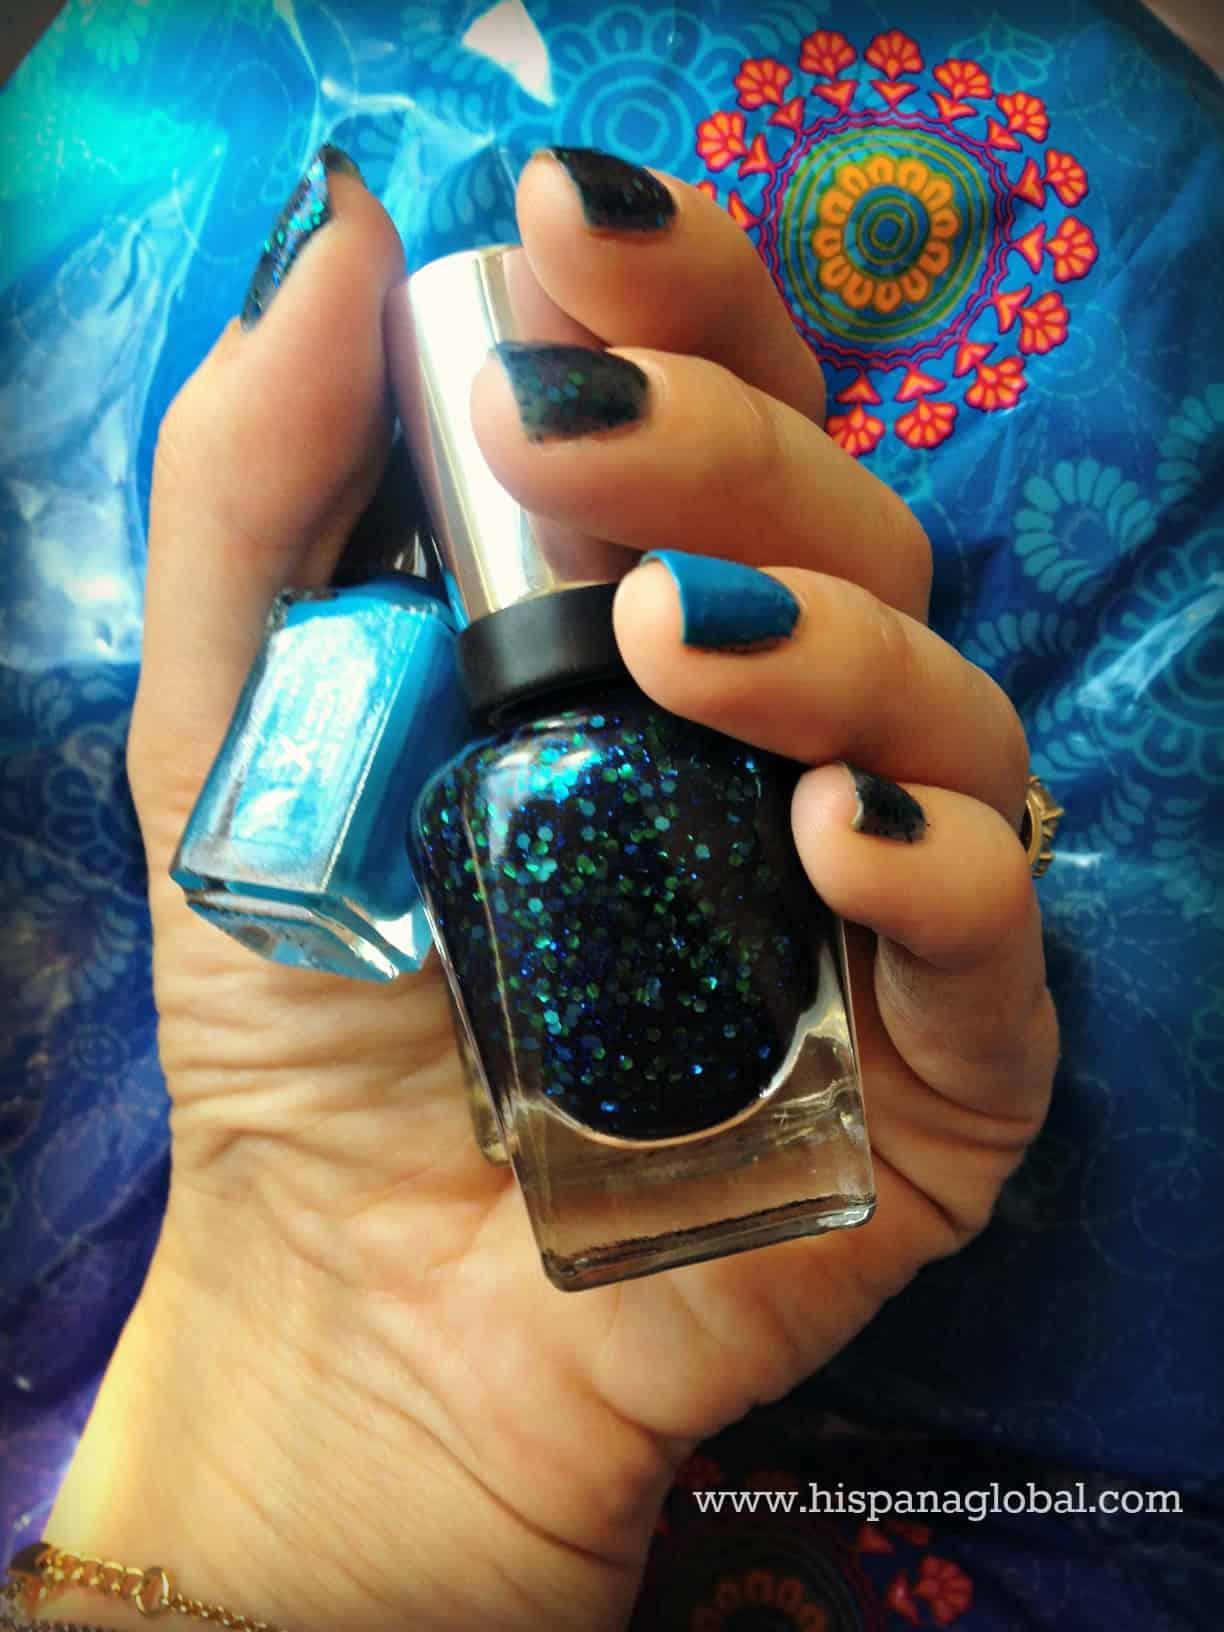 Los mejores tonos de azul en esmaltes de uñas - Hispana Global